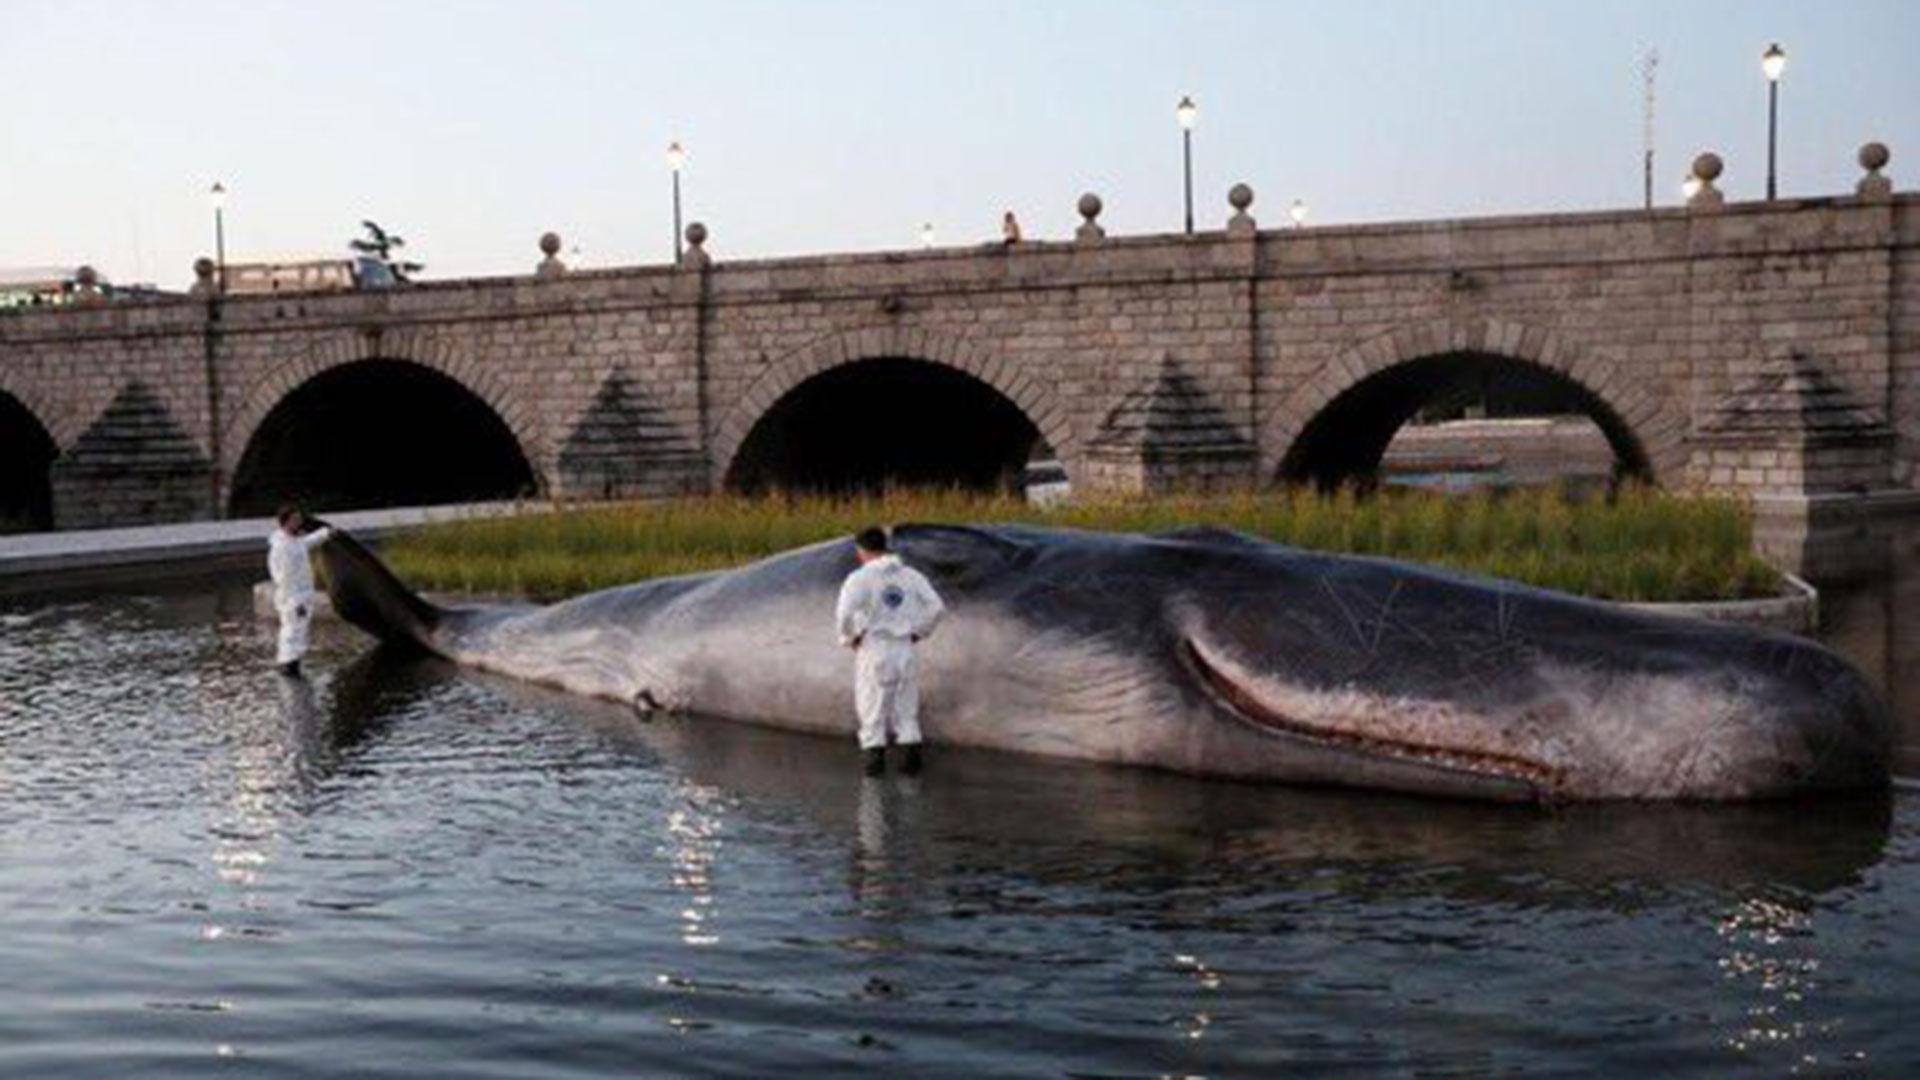 Miles de madrileños y turistas vieron a un gran cachalote varado en el río Manzanares, a la altura del Puente de Segovia